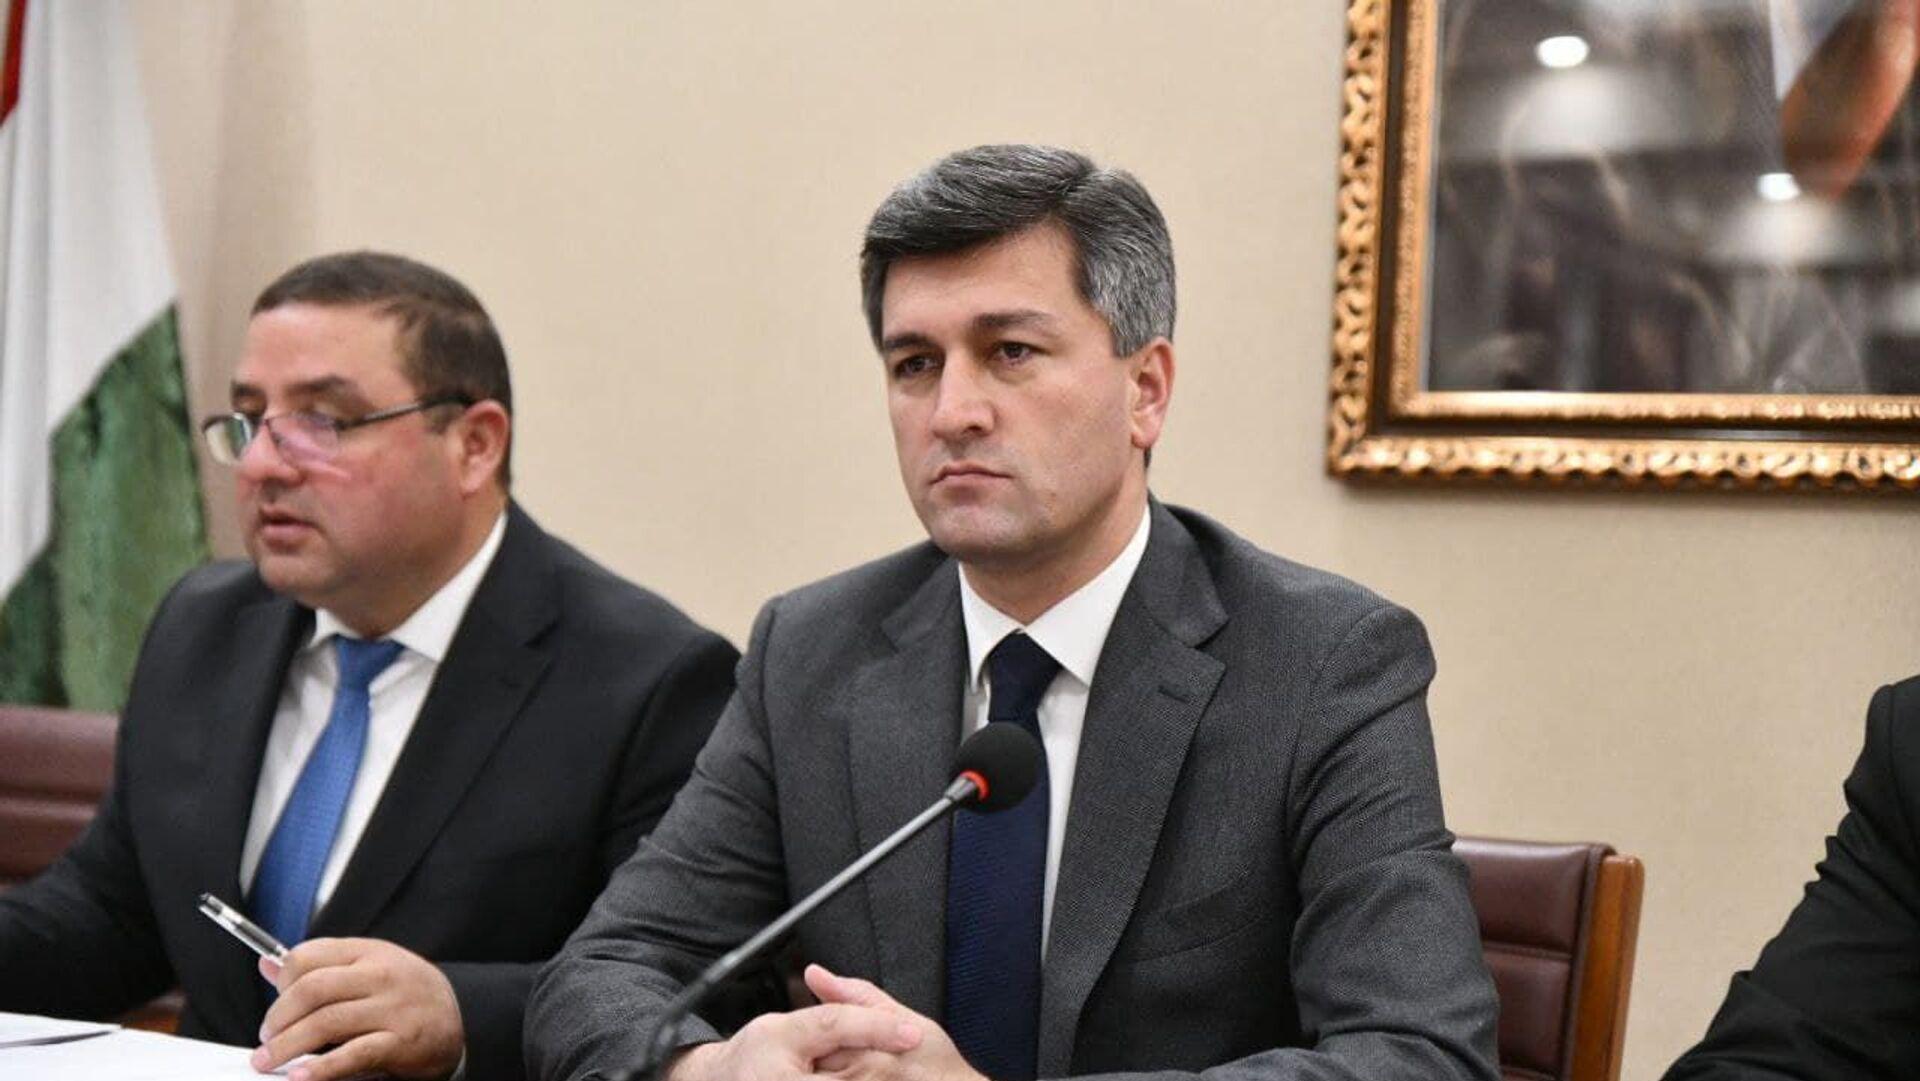 Директор Агентства гражданской авиации Таджикистана Икром Субхонзода - Sputnik Таджикистан, 1920, 26.05.2021